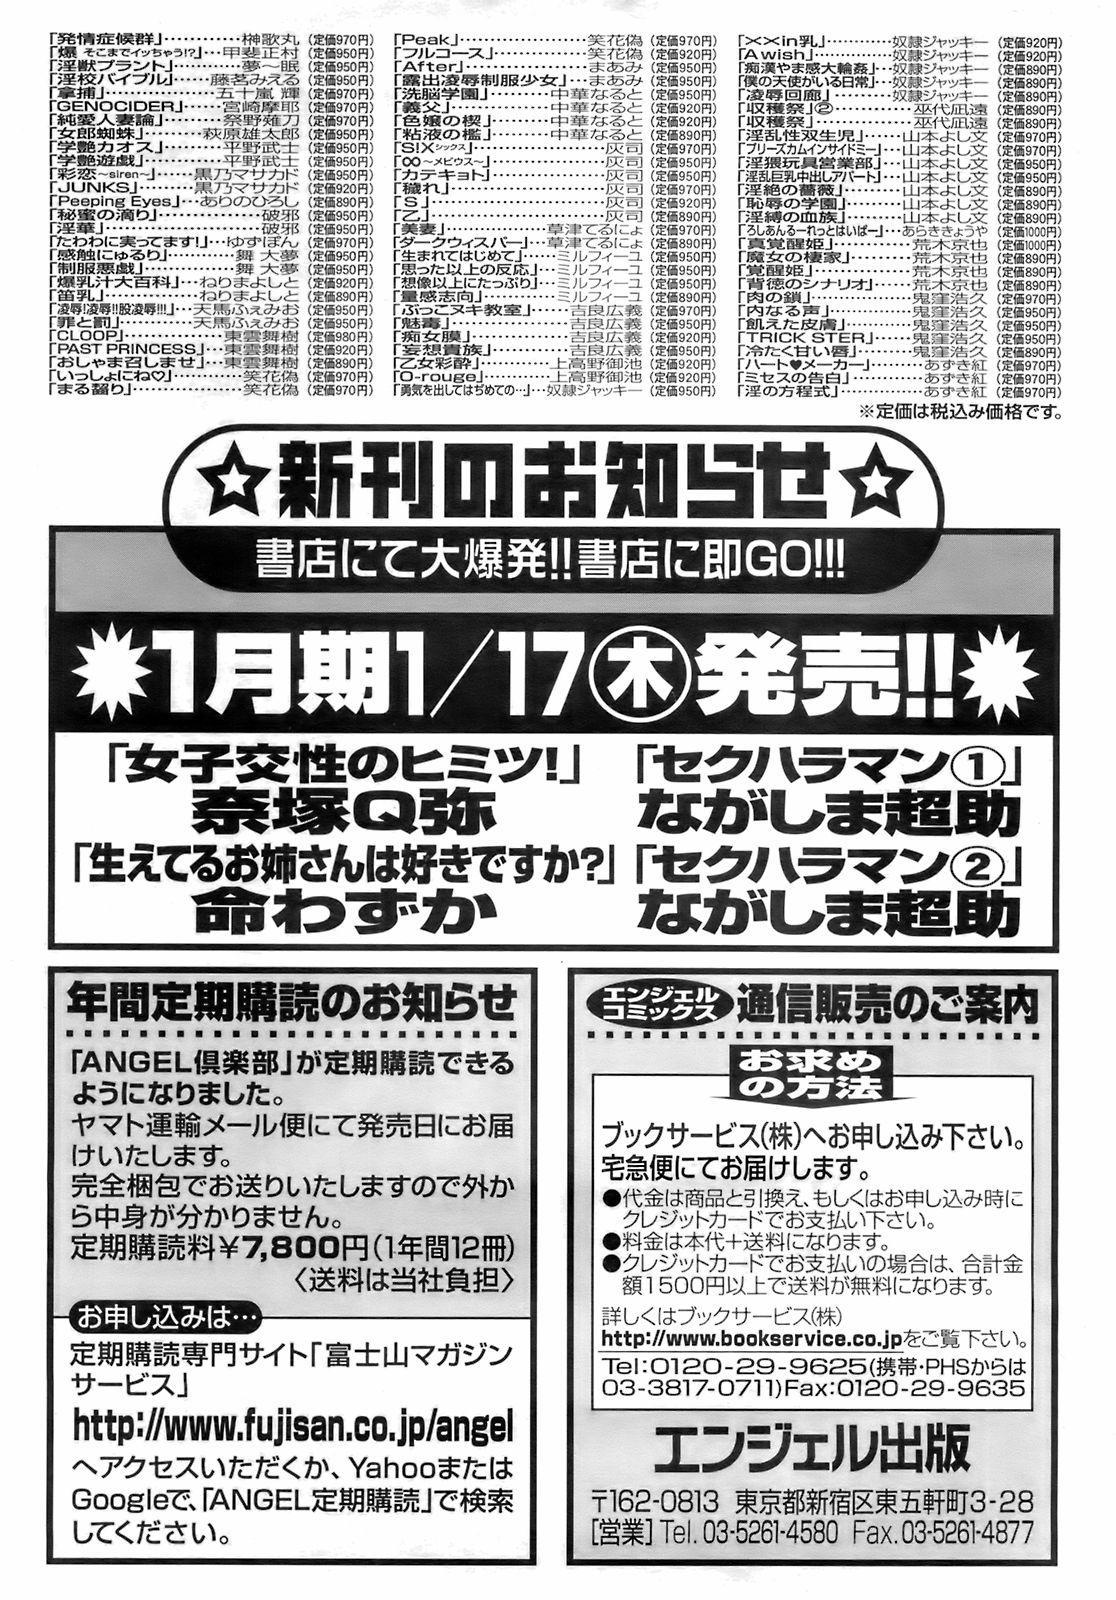 ANGEL Club 2008-02 195